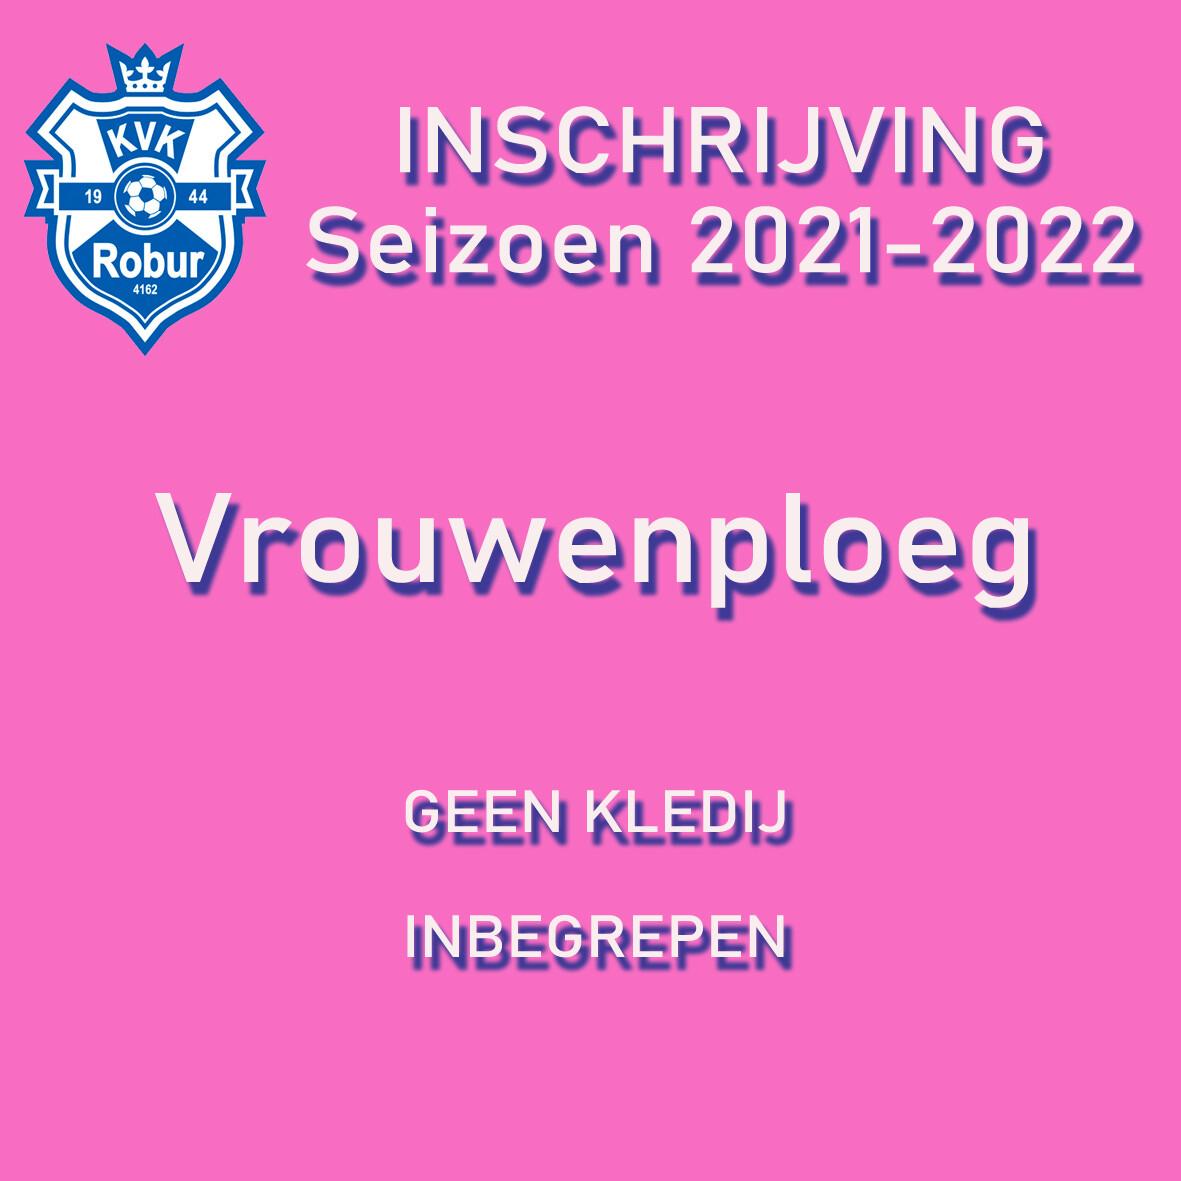 Inschrijving Seizoen 2021 - 2022 Vrouwenploeg